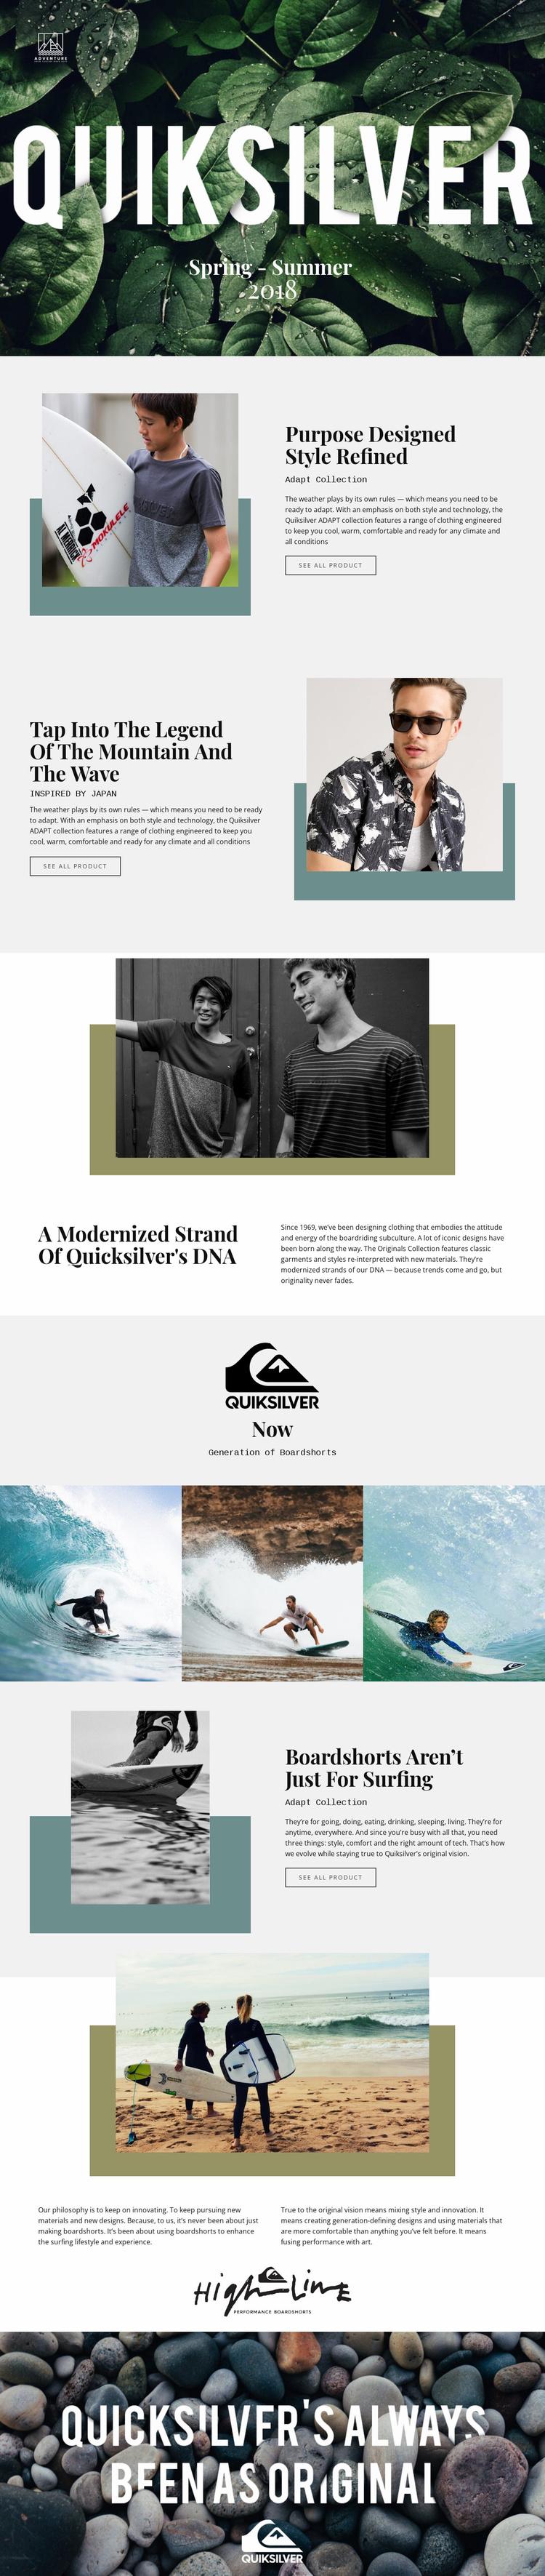 Quiksilver Website Template